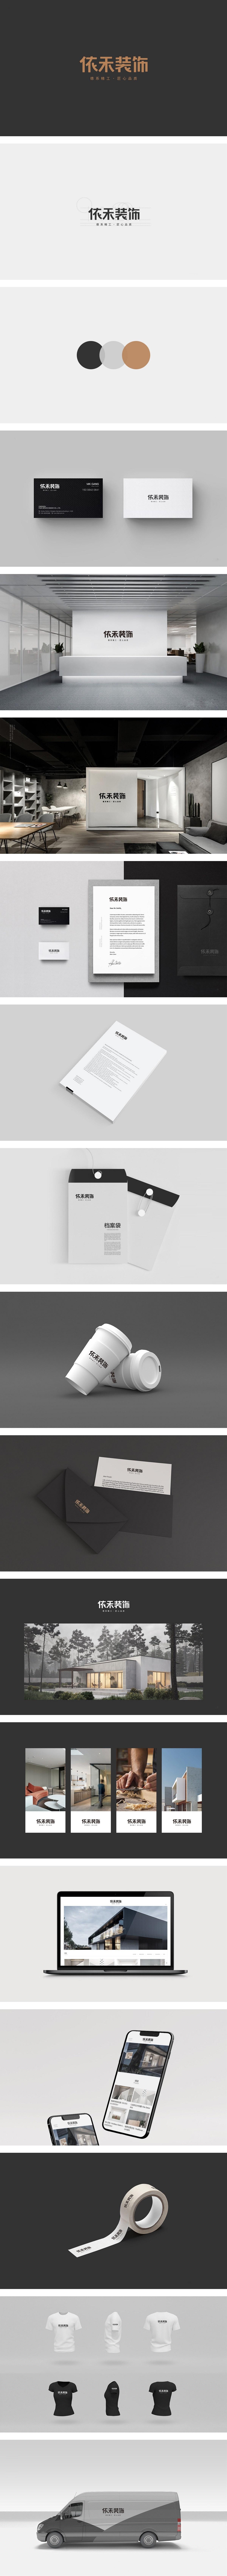 依禾装饰公司logo设计&VI品牌设计